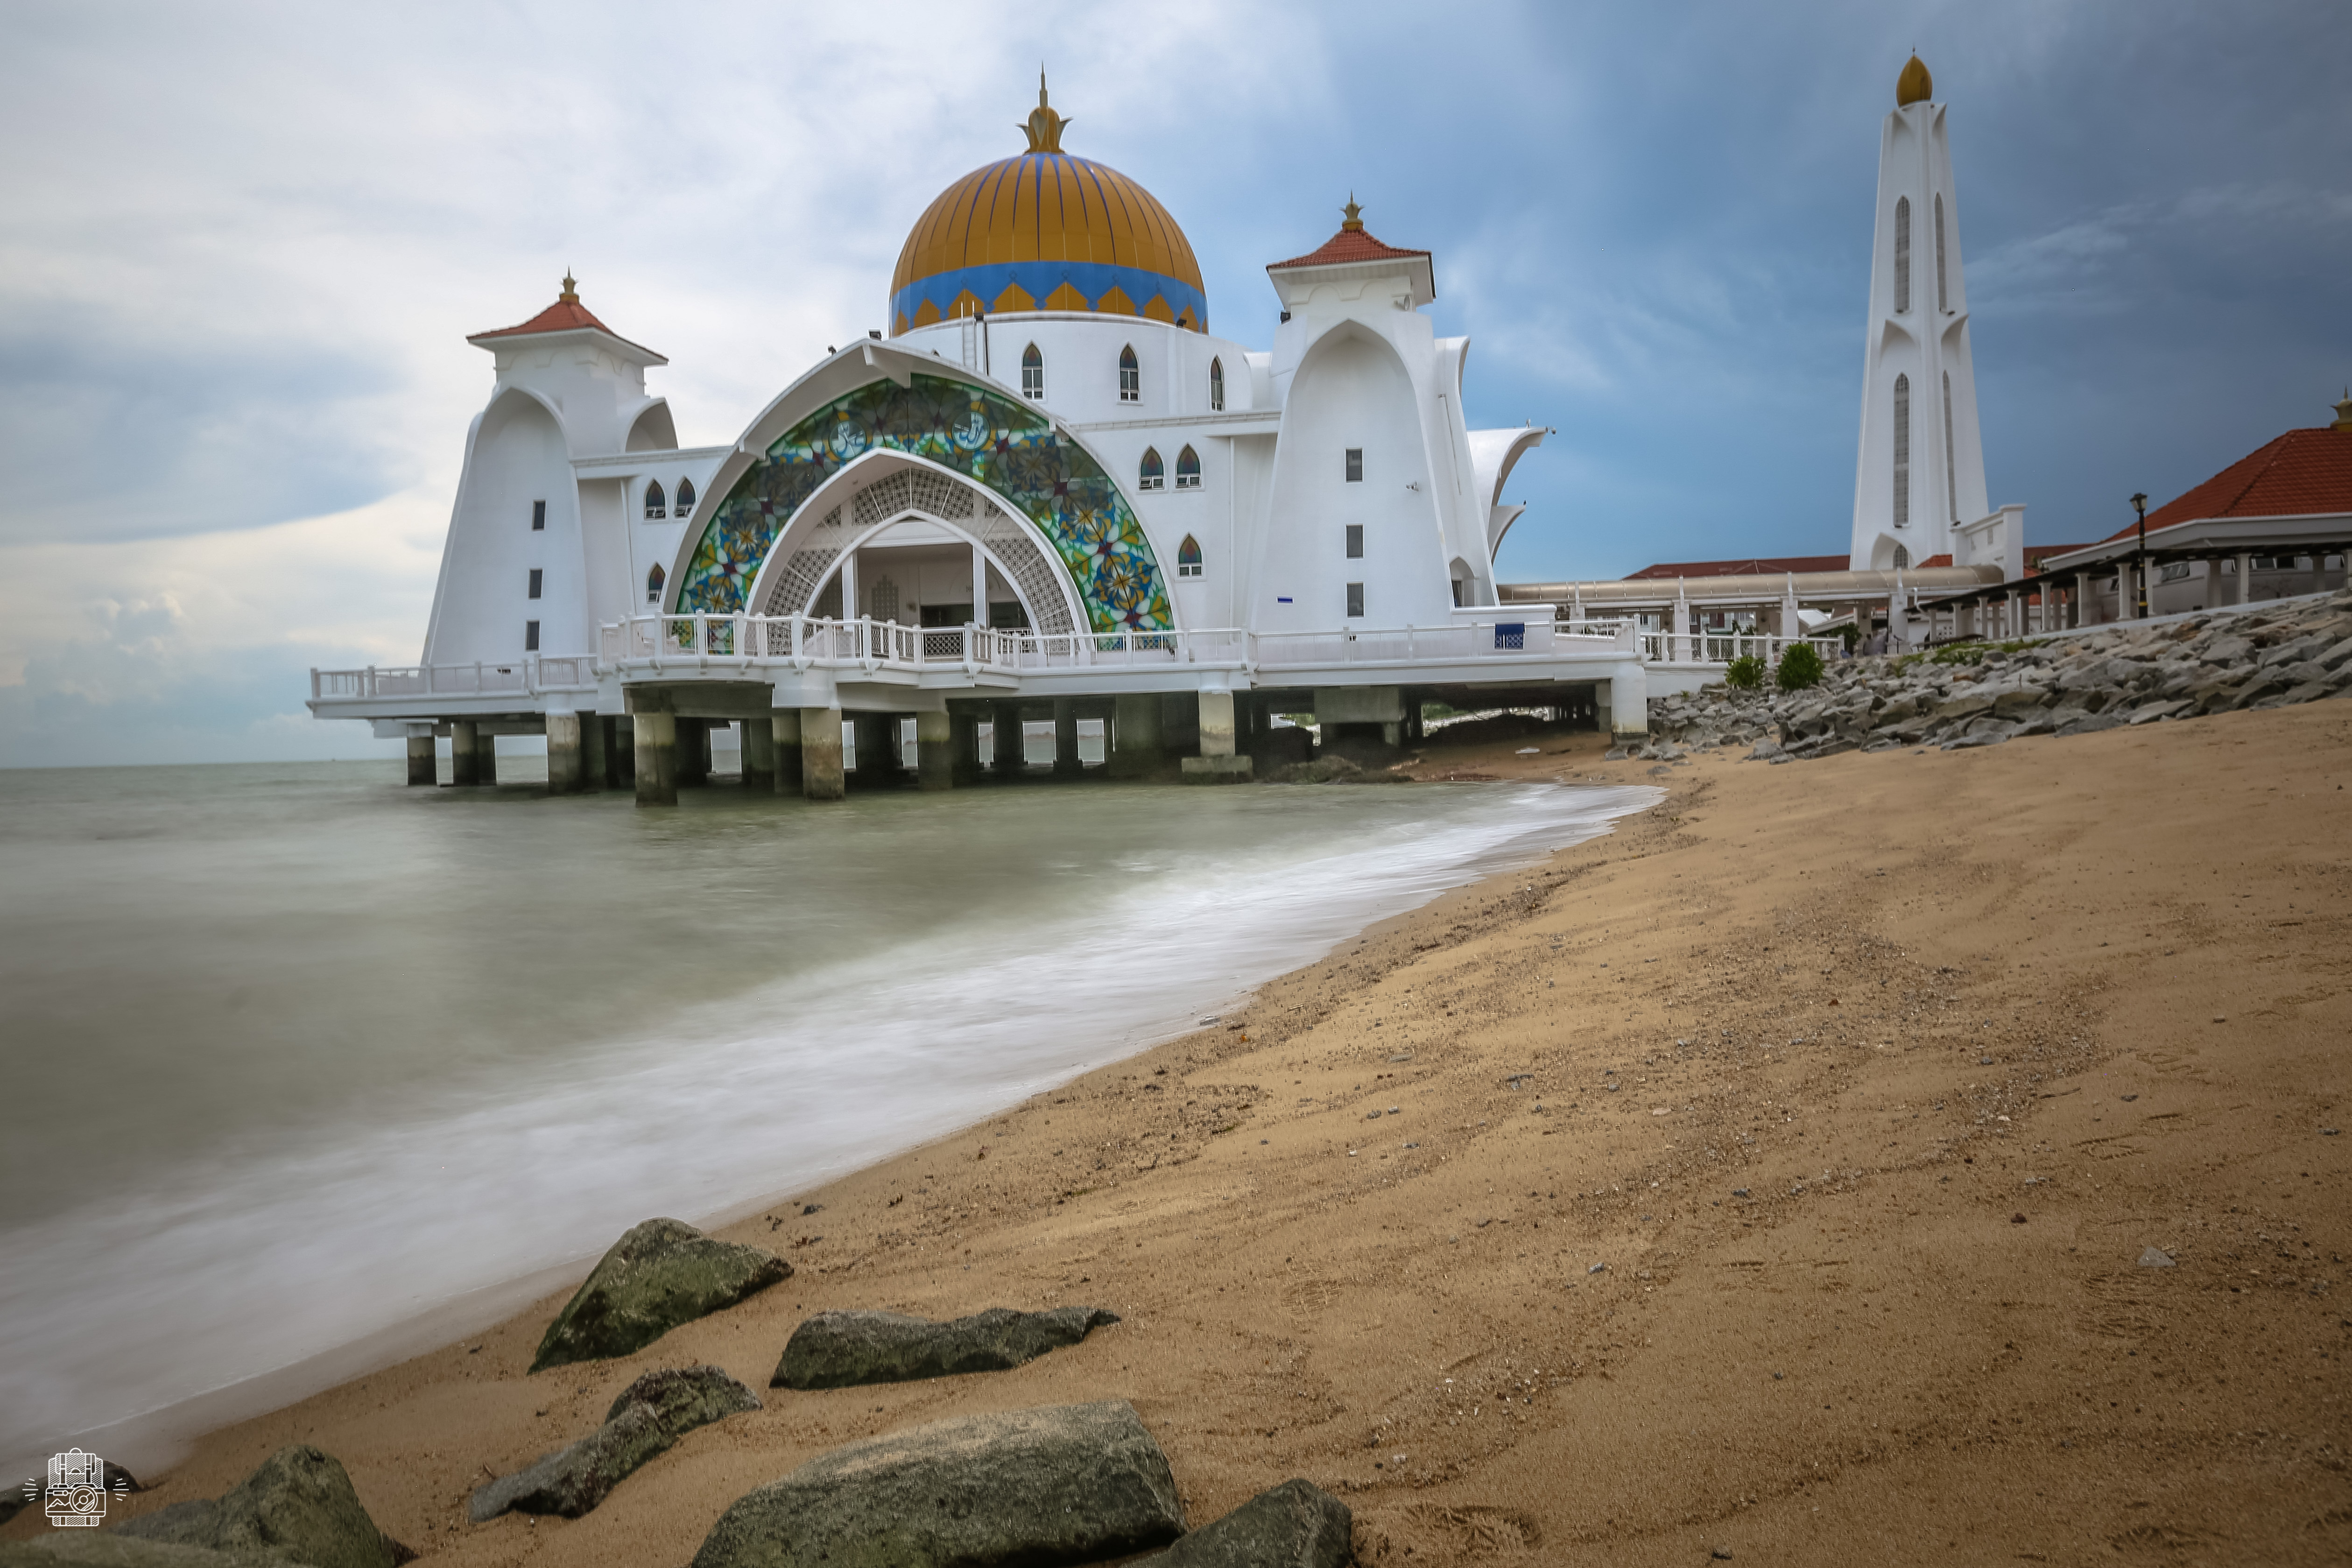 Malaisie/Malacca